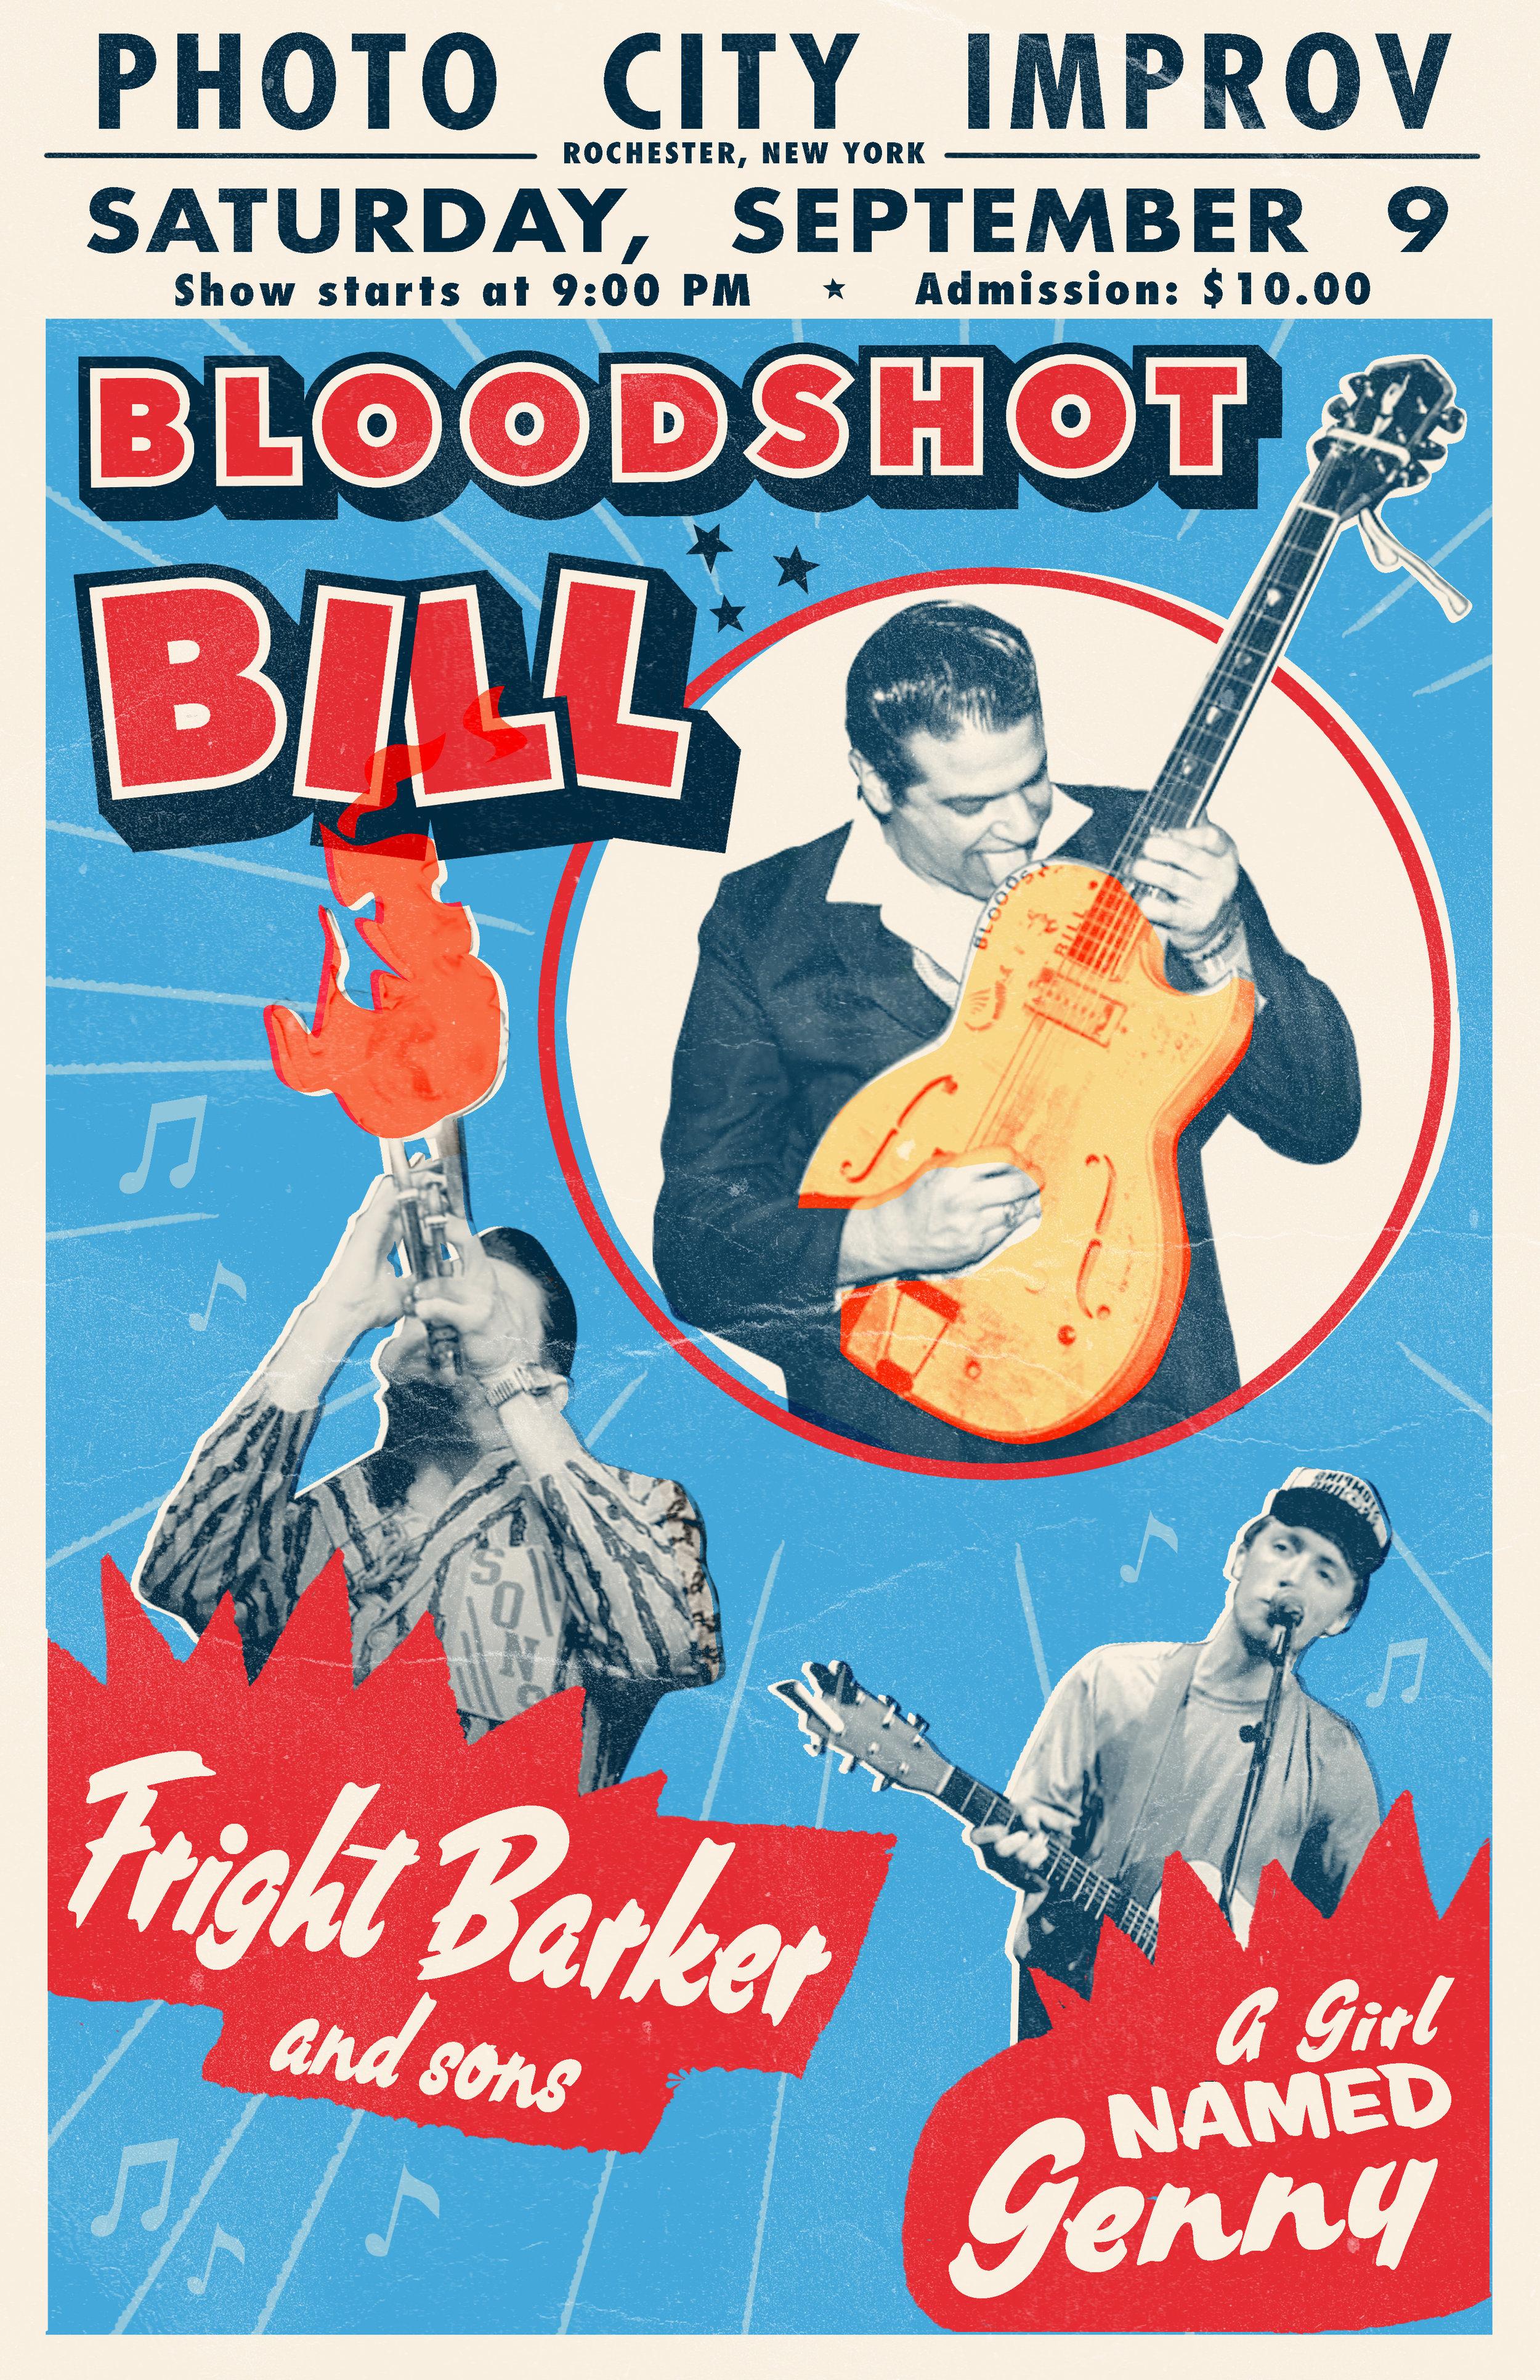 BloodshotBillsept9_updated.jpg